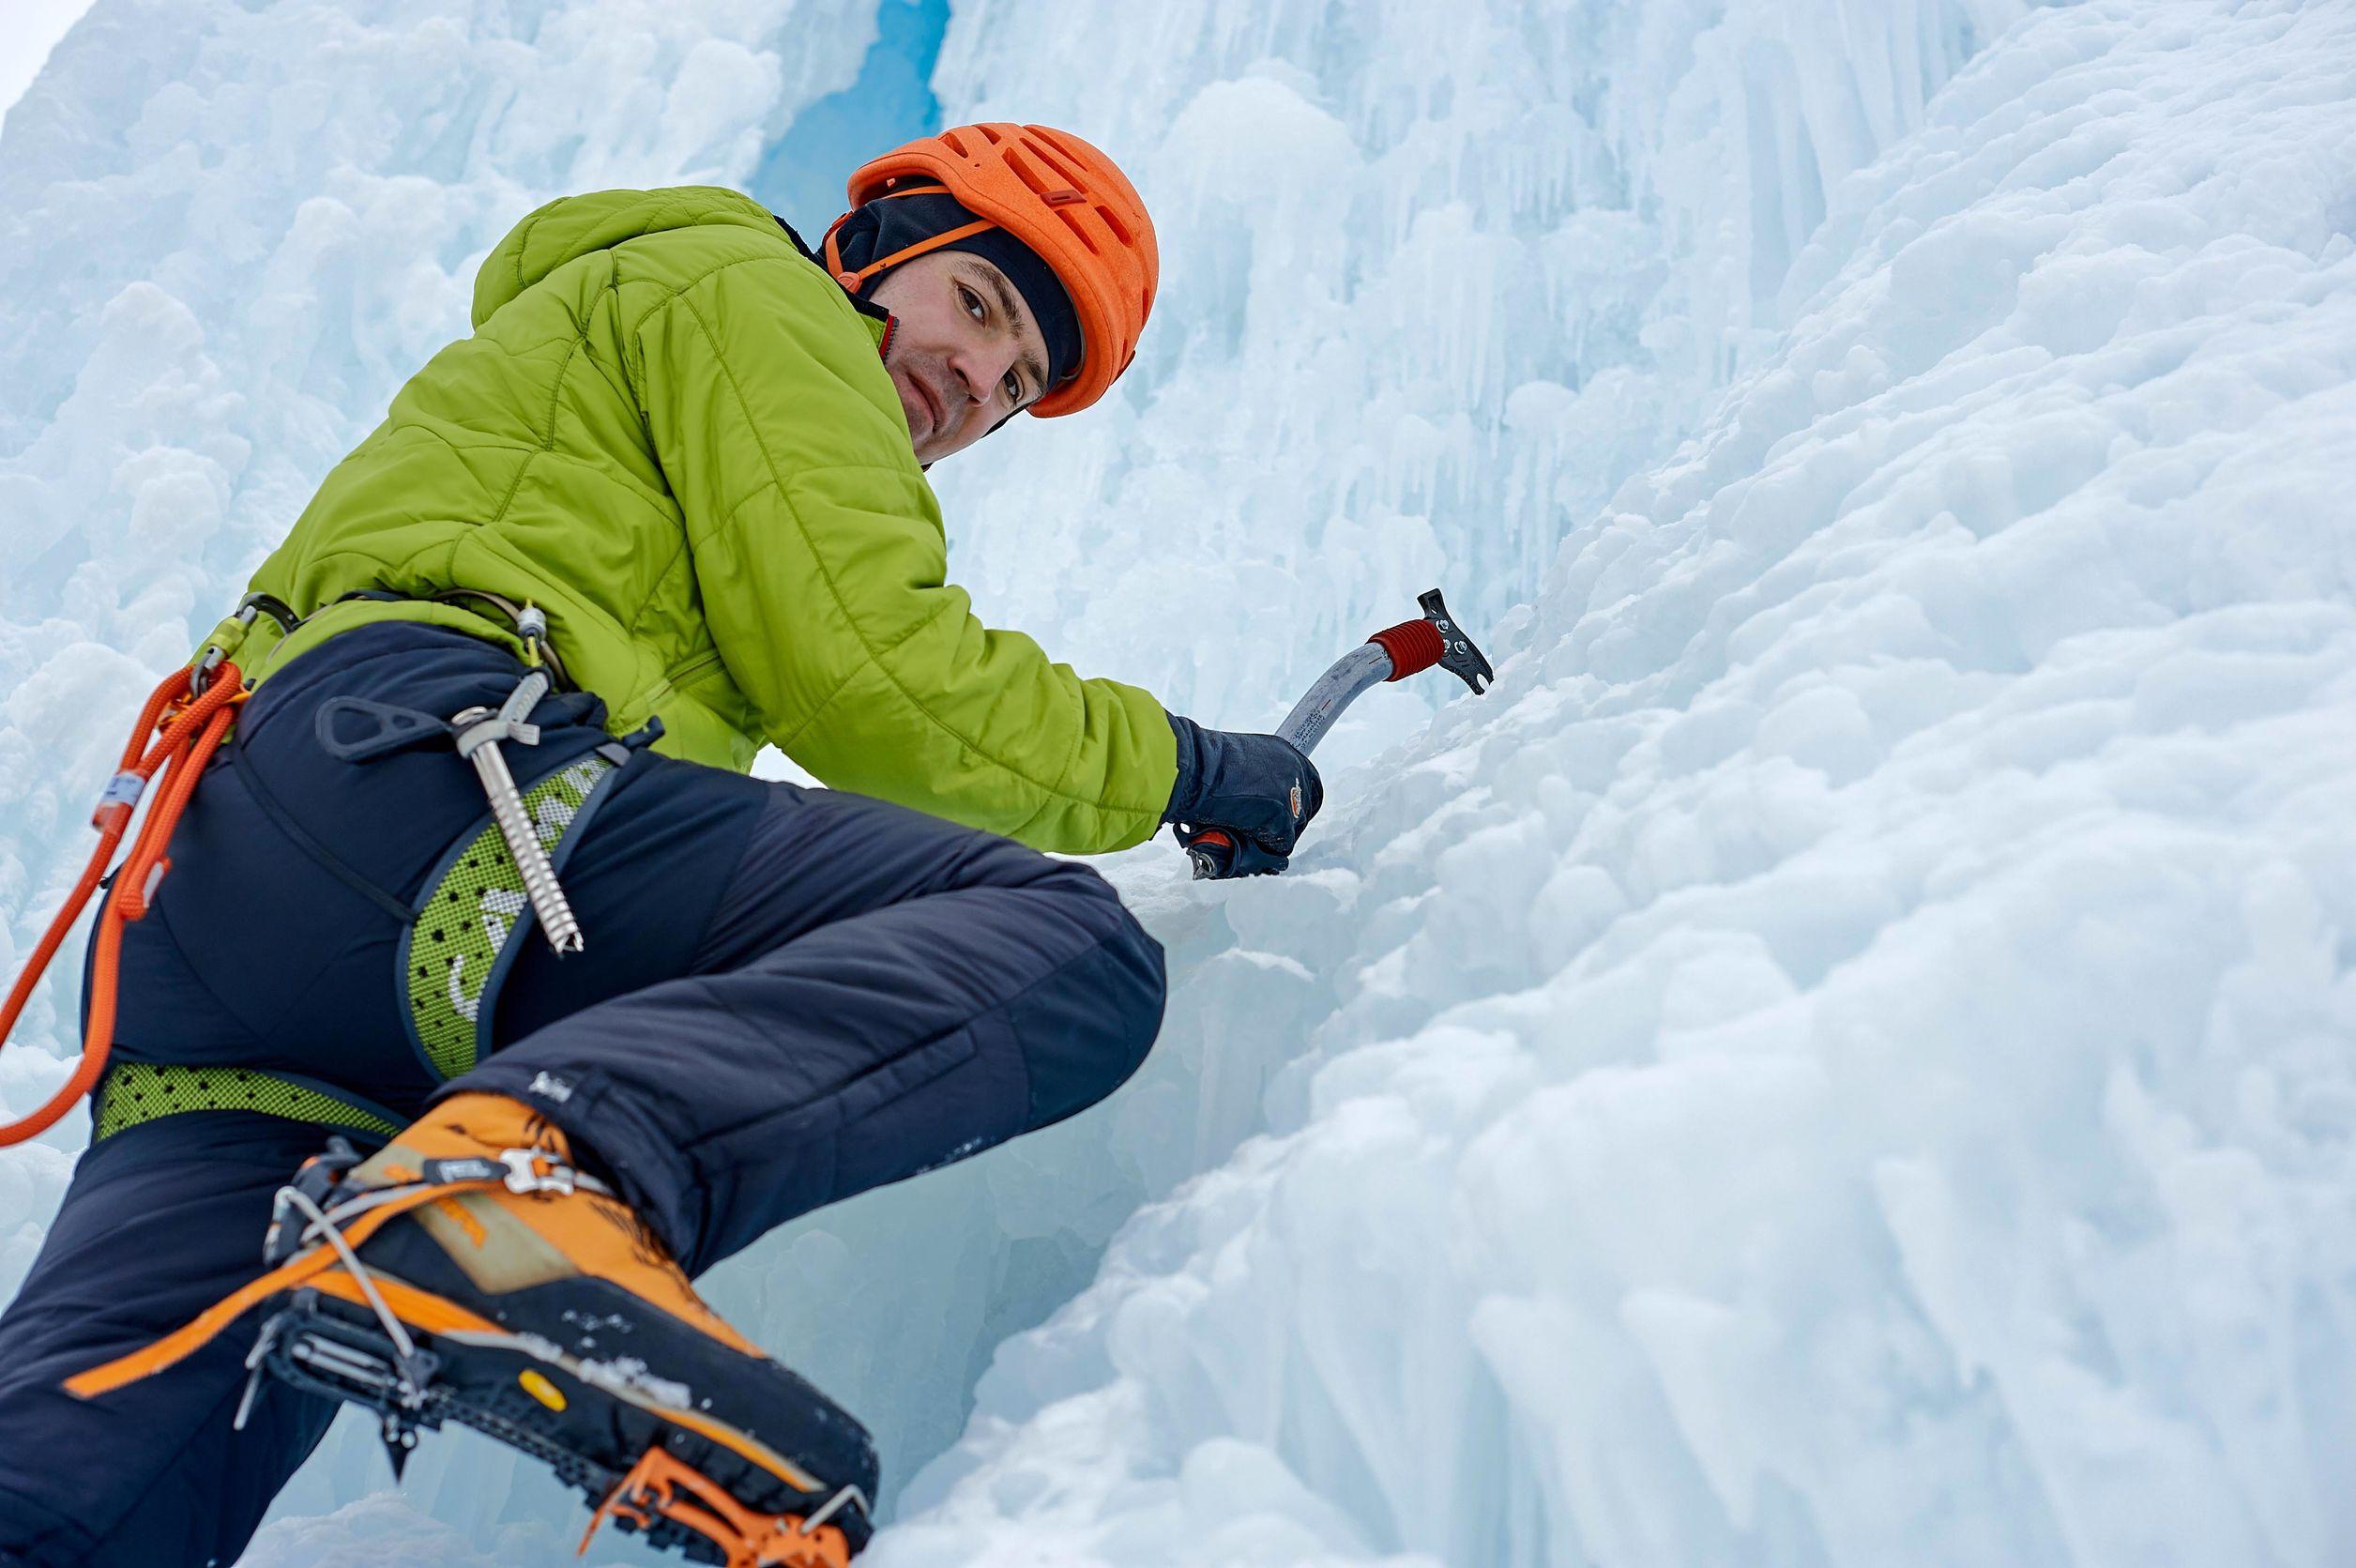 Hombre alpinista con hacha de herramientas para hielo en casco naranja escalando una gran pared de hielo.